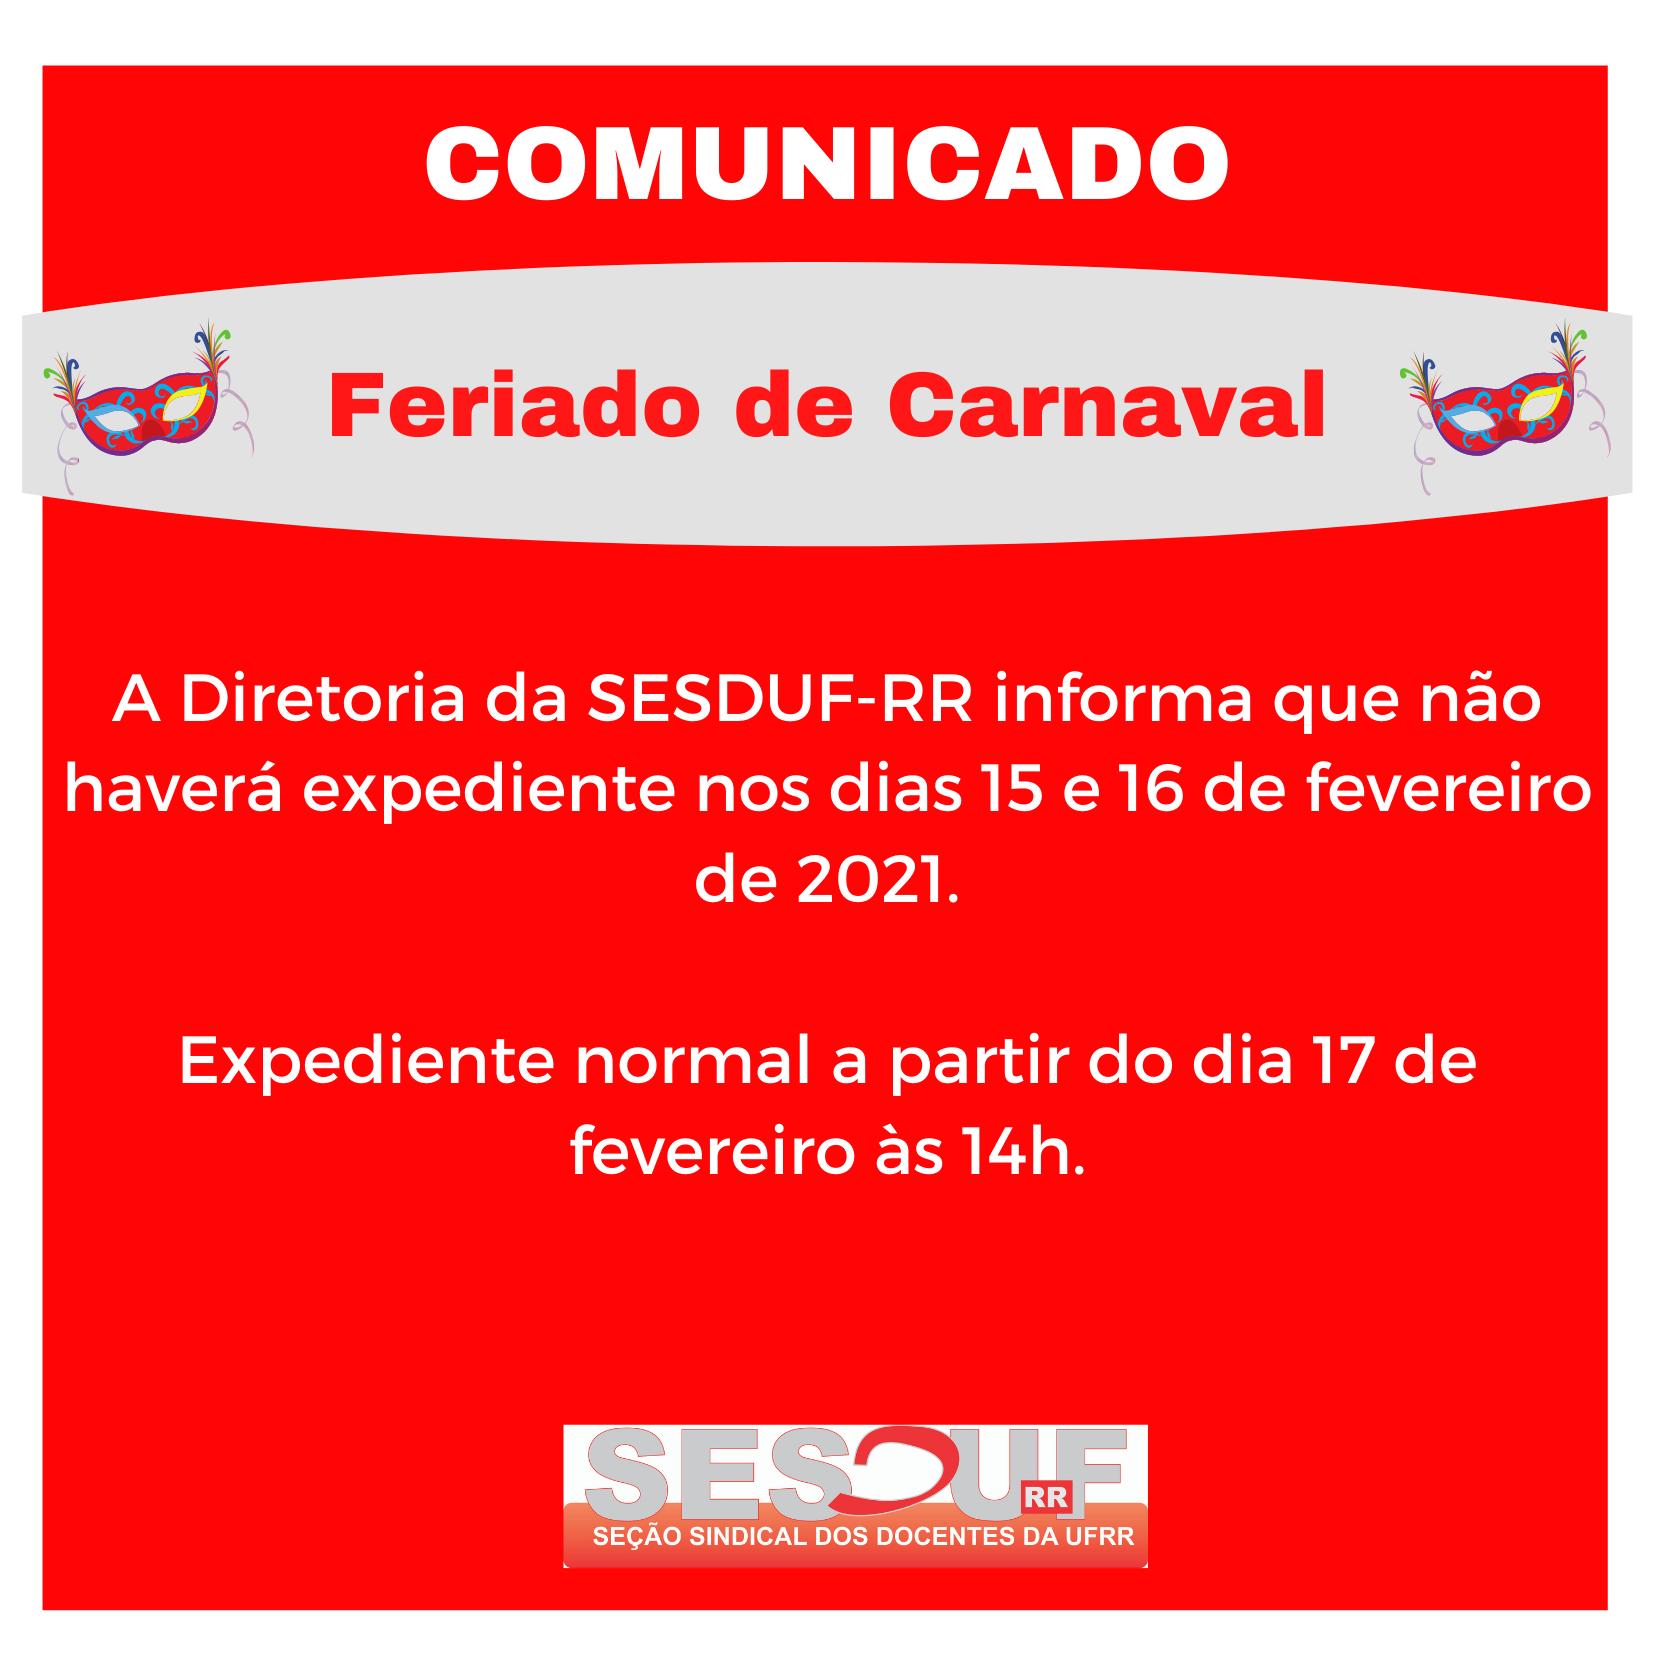 COMUNICADO: Feriado de Carnaval